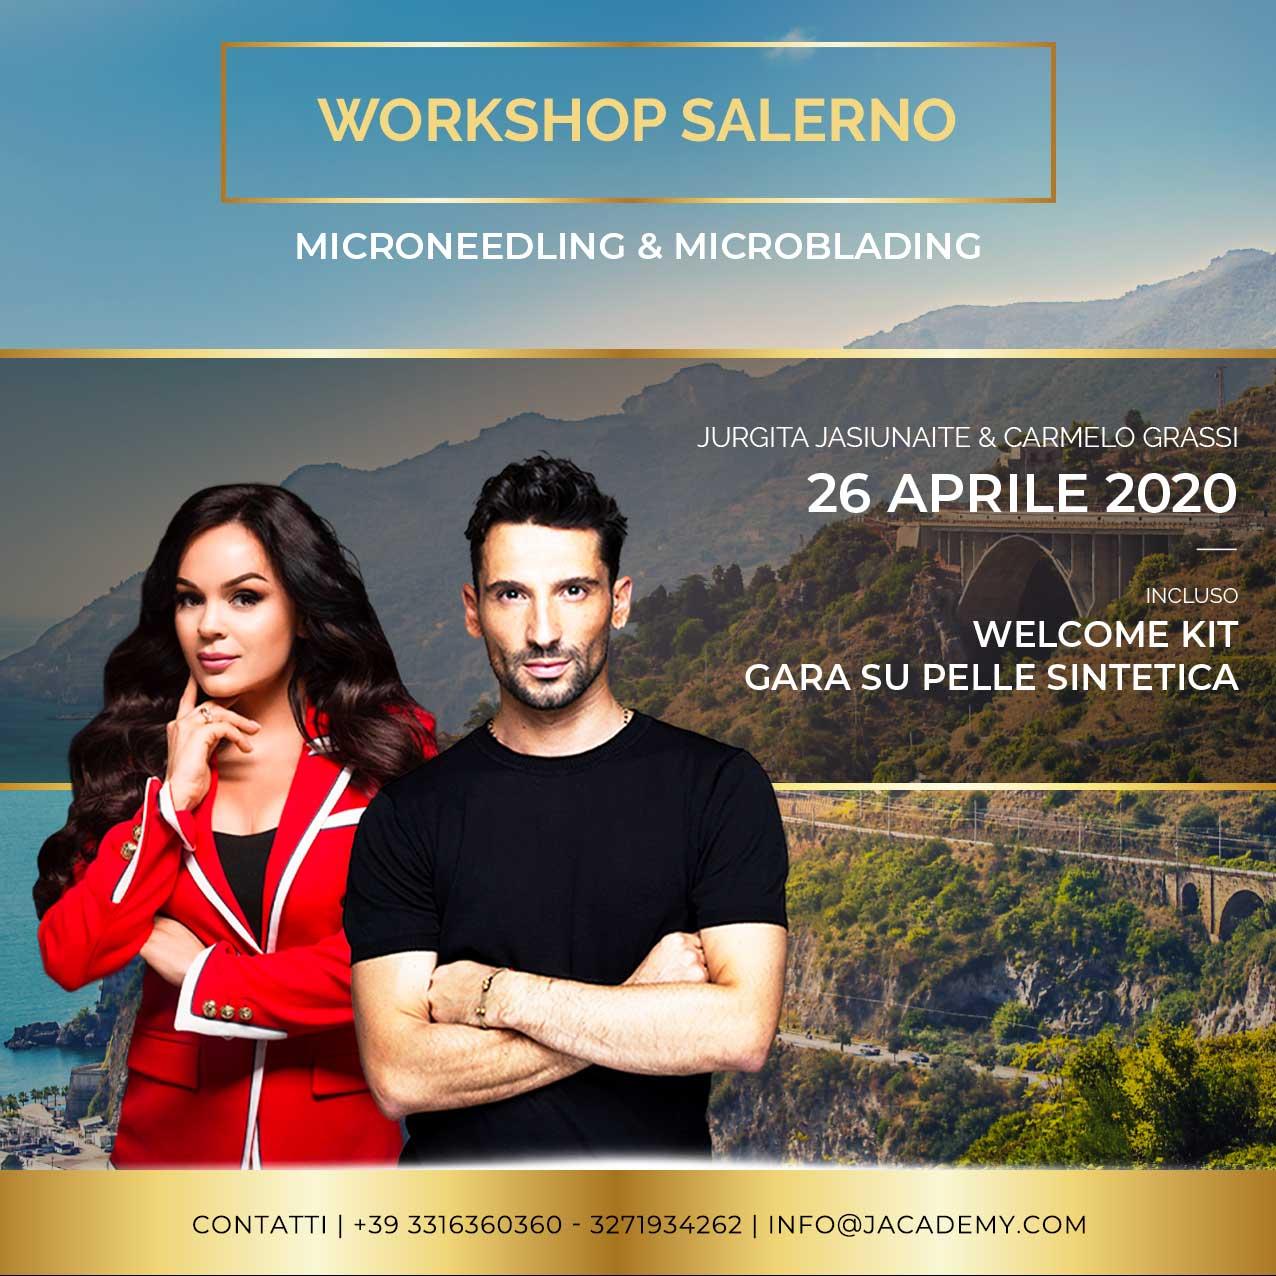 workshop salerno